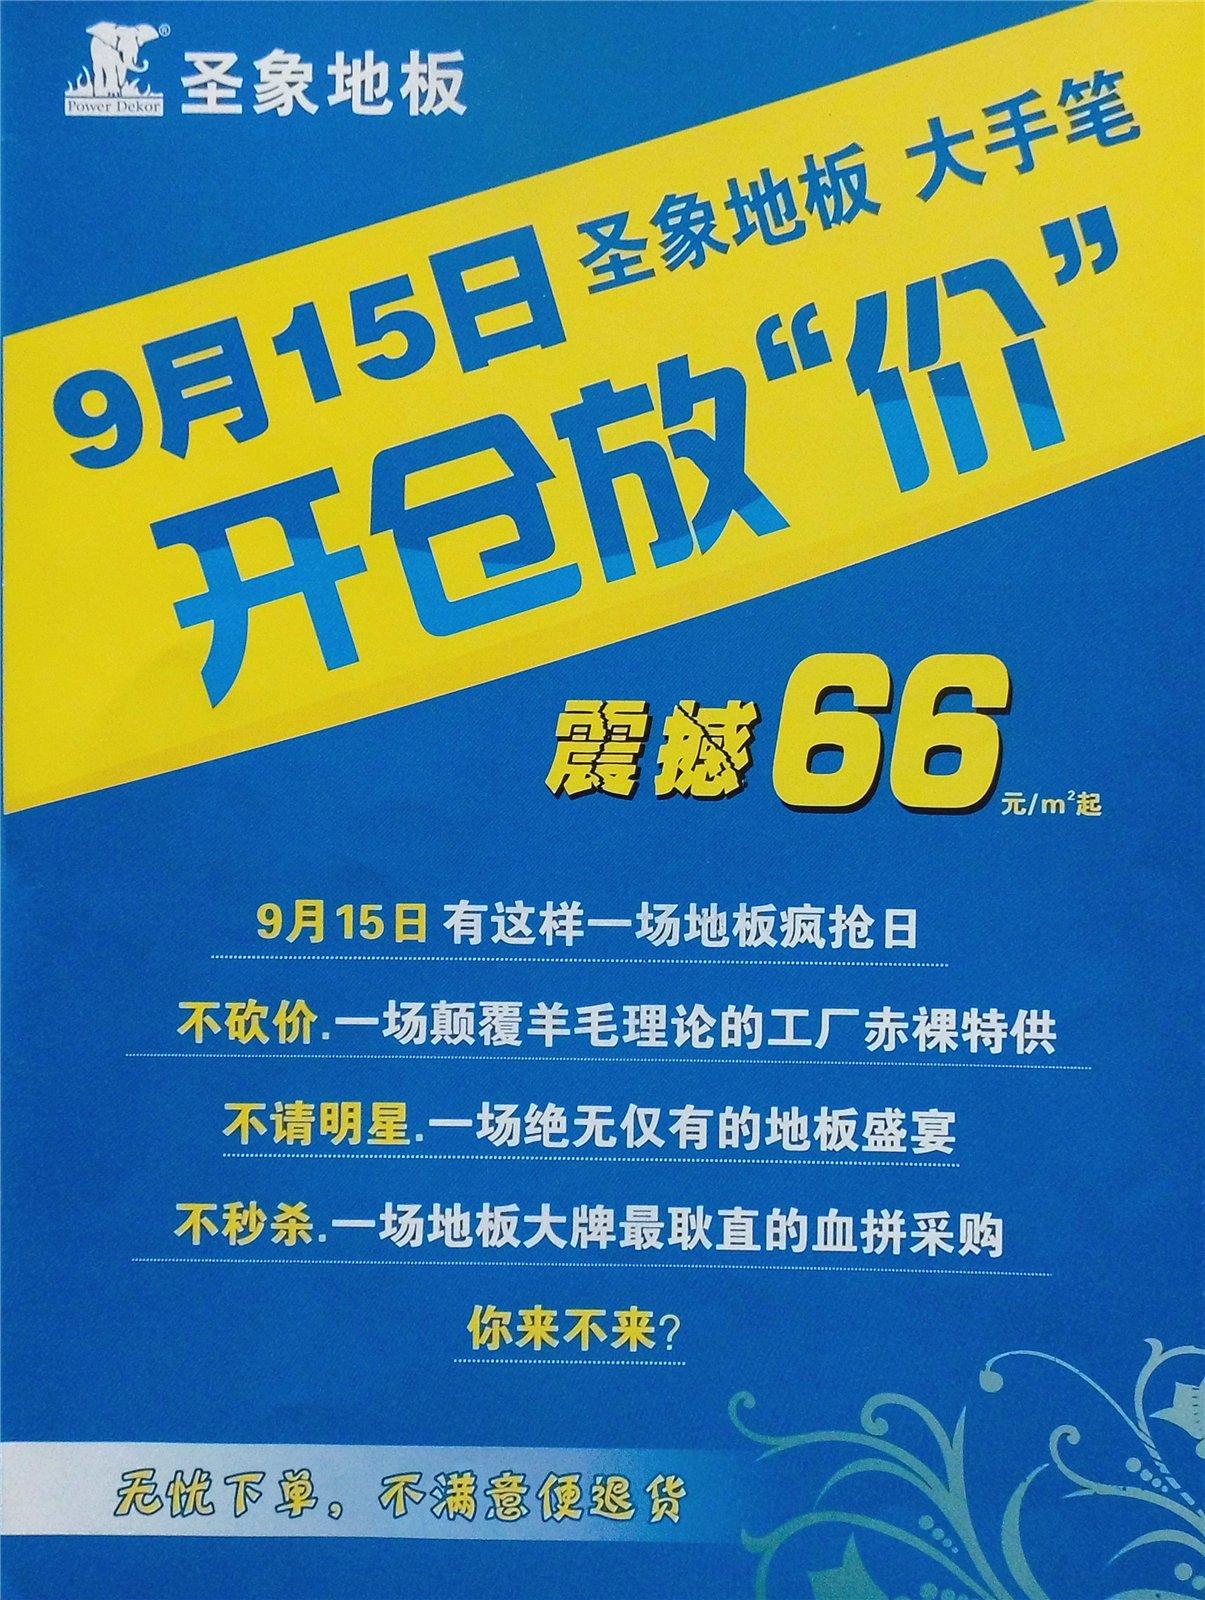 """山阳圣象地板9月15日大手笔开仓大放""""价"""""""